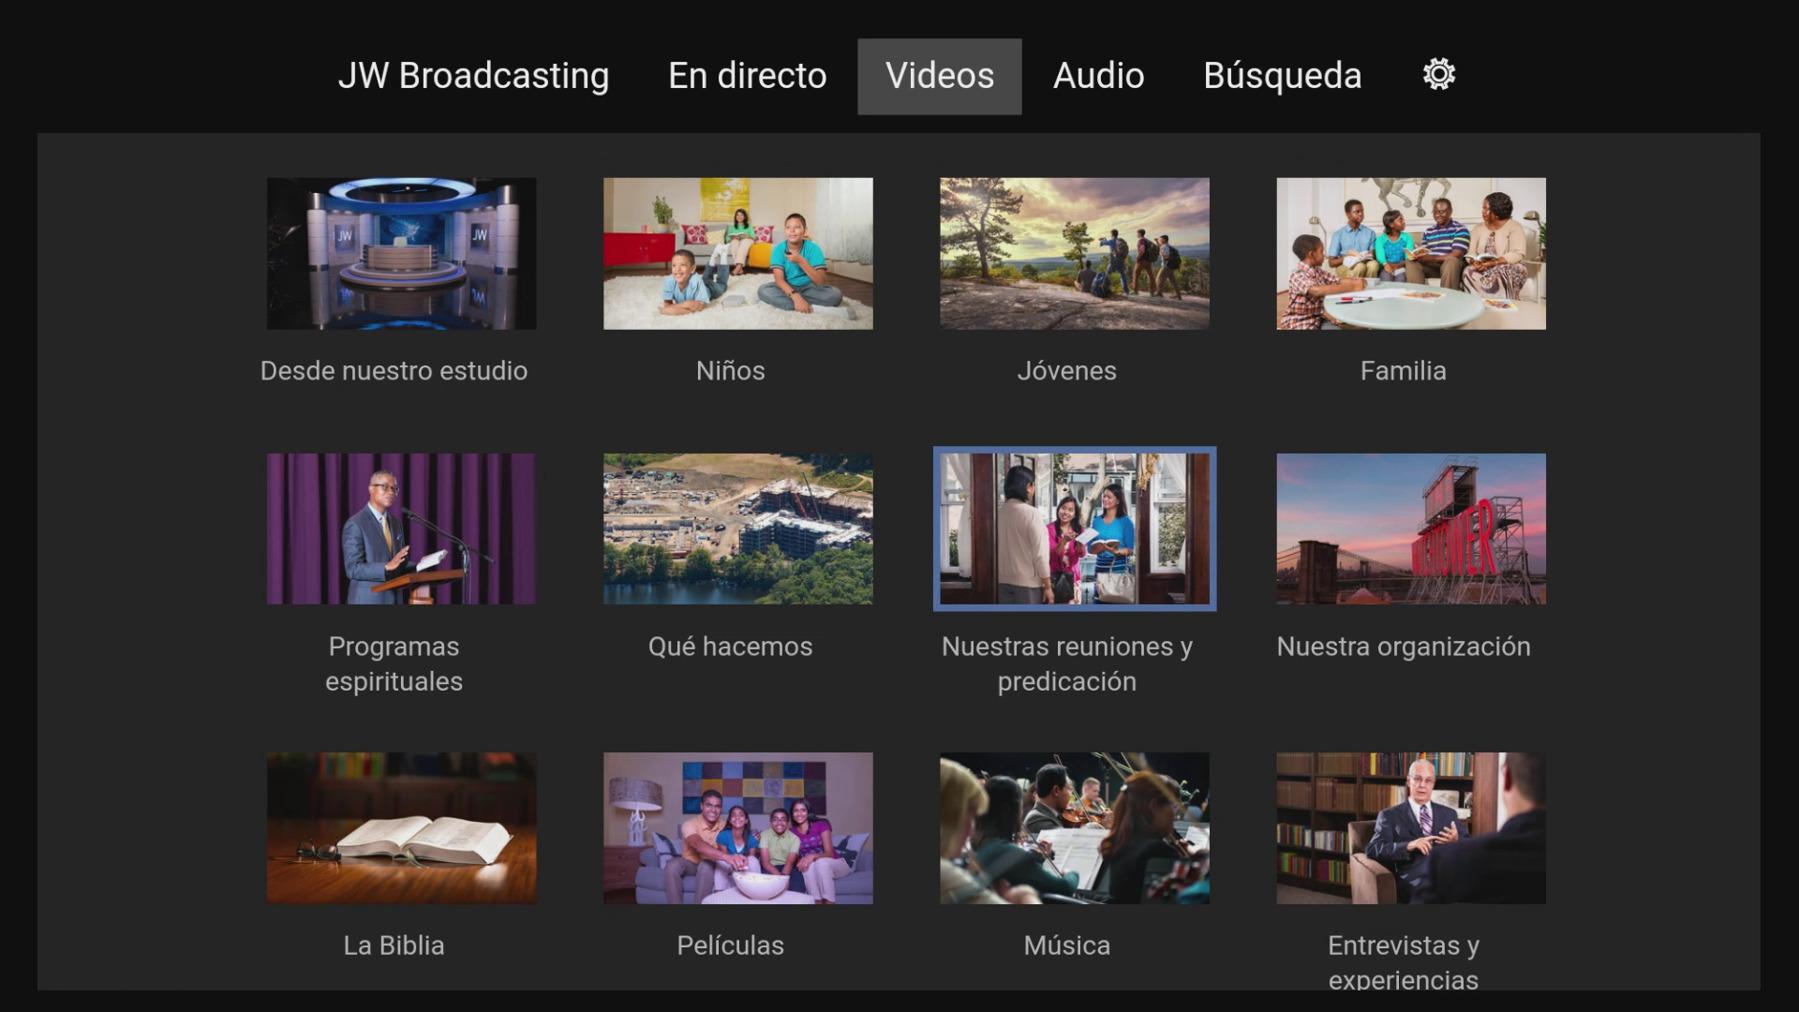 Cómo ver programas de la sección Videos de JW Broadcasting en ...